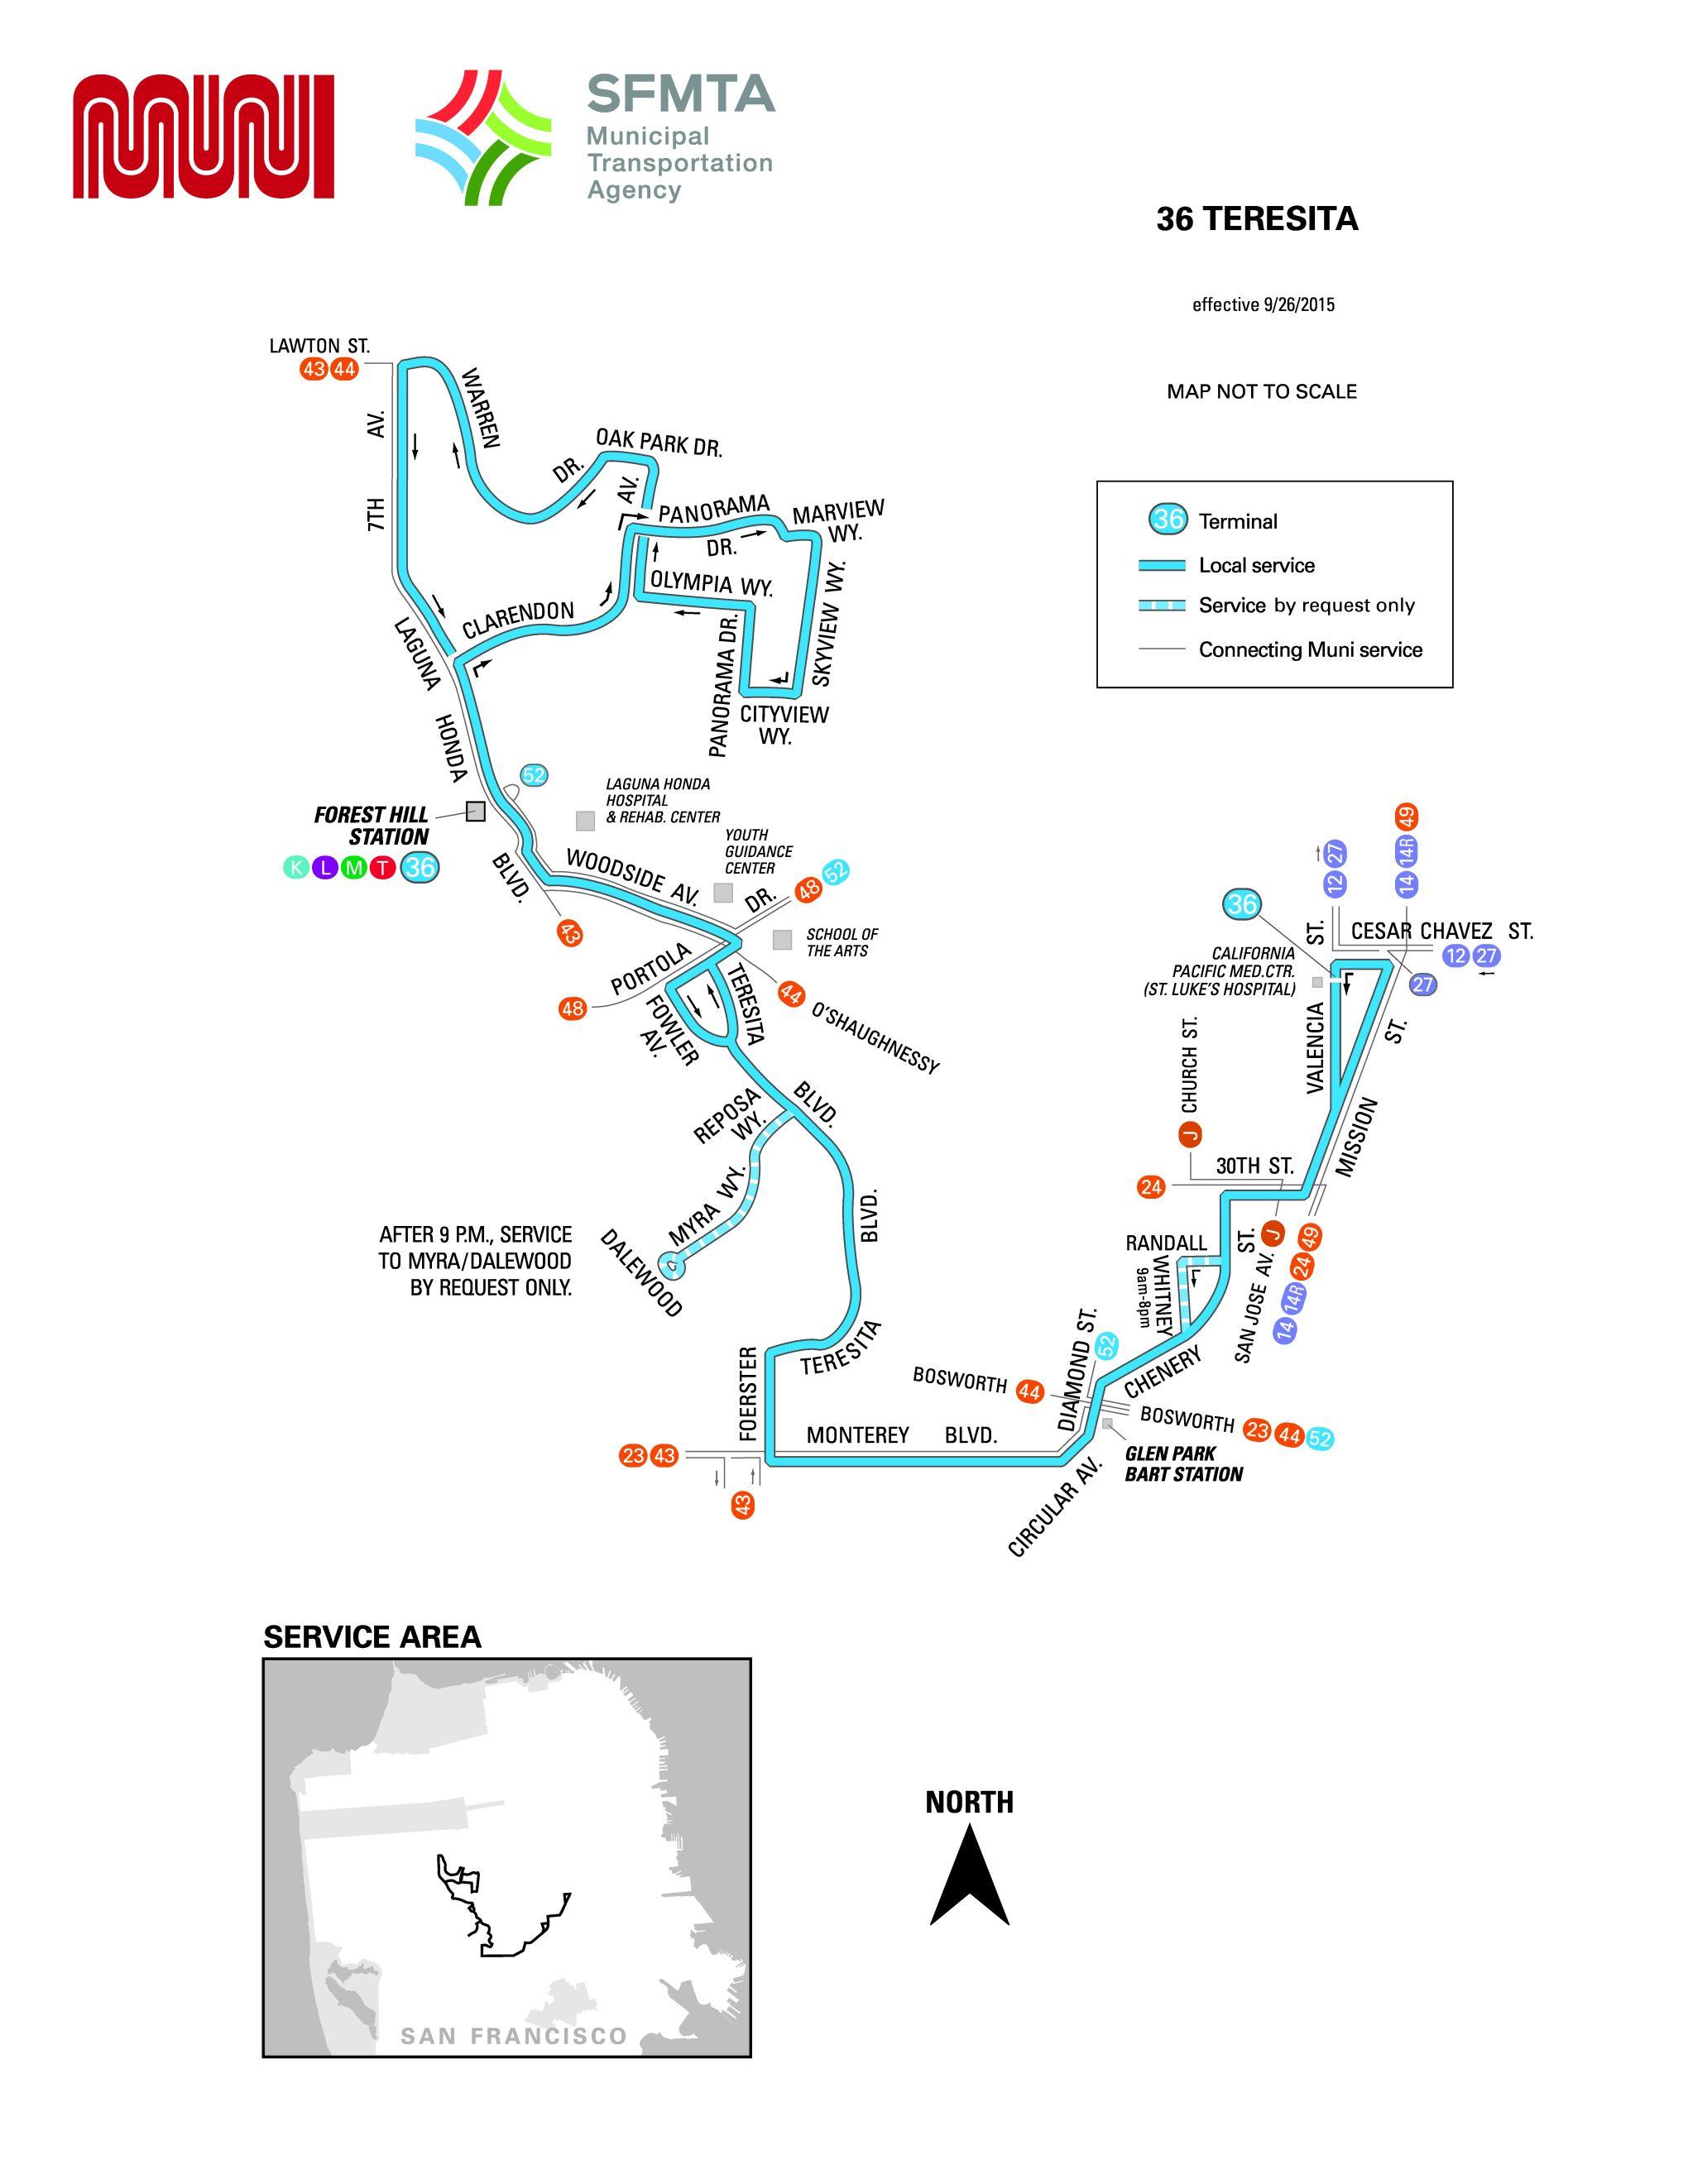 36-teresita bus schedule - sf muni - sf bay transit